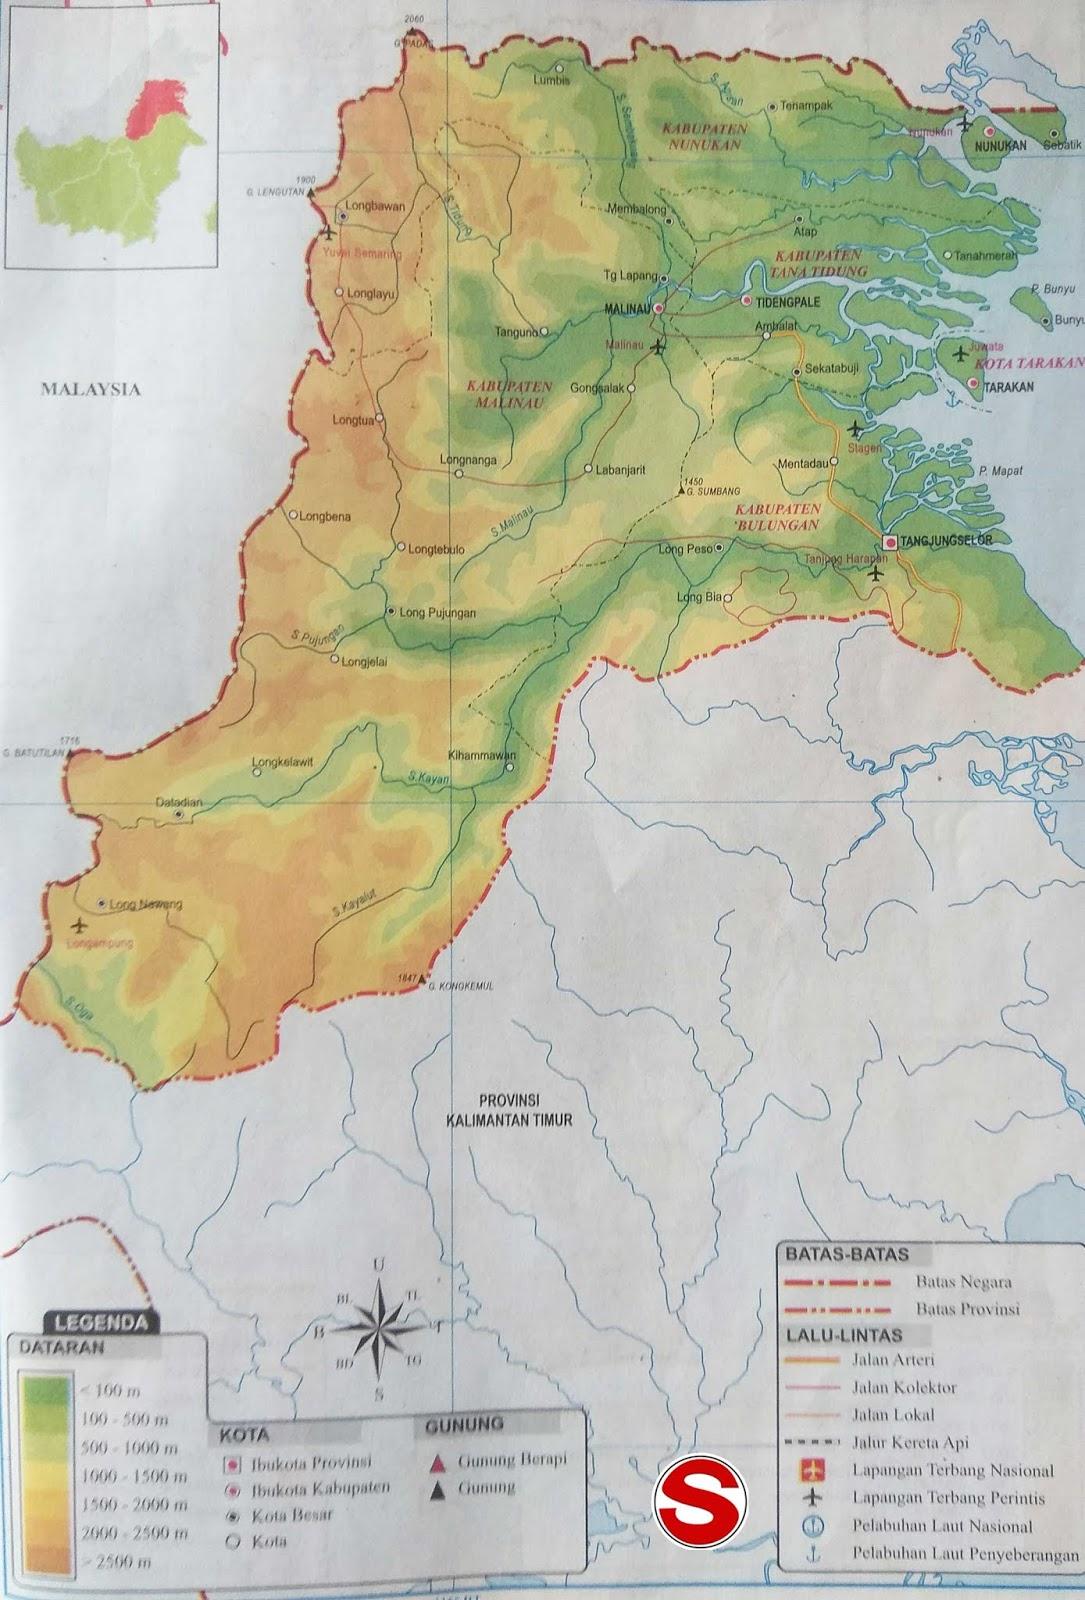 Peta Atlas Kalimantan Utara di bawah ini mencakup peta dataran Peta Atlas Provinsi Kalimantan Utara